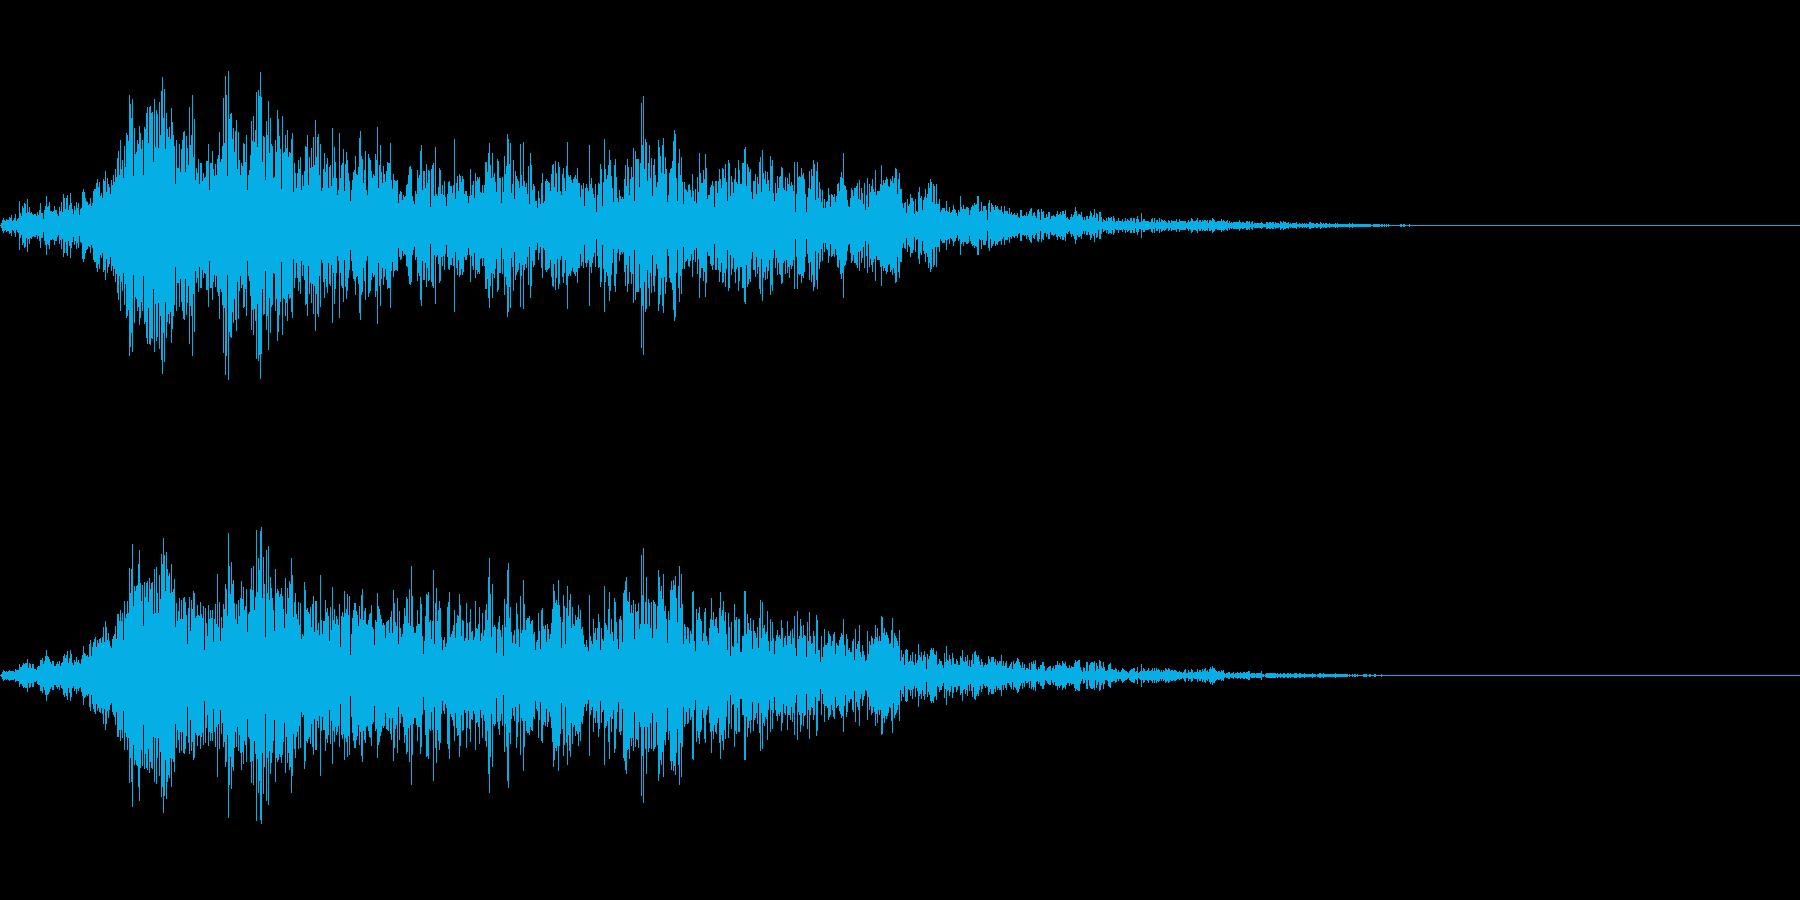 機械式の門や扉の音などにの再生済みの波形